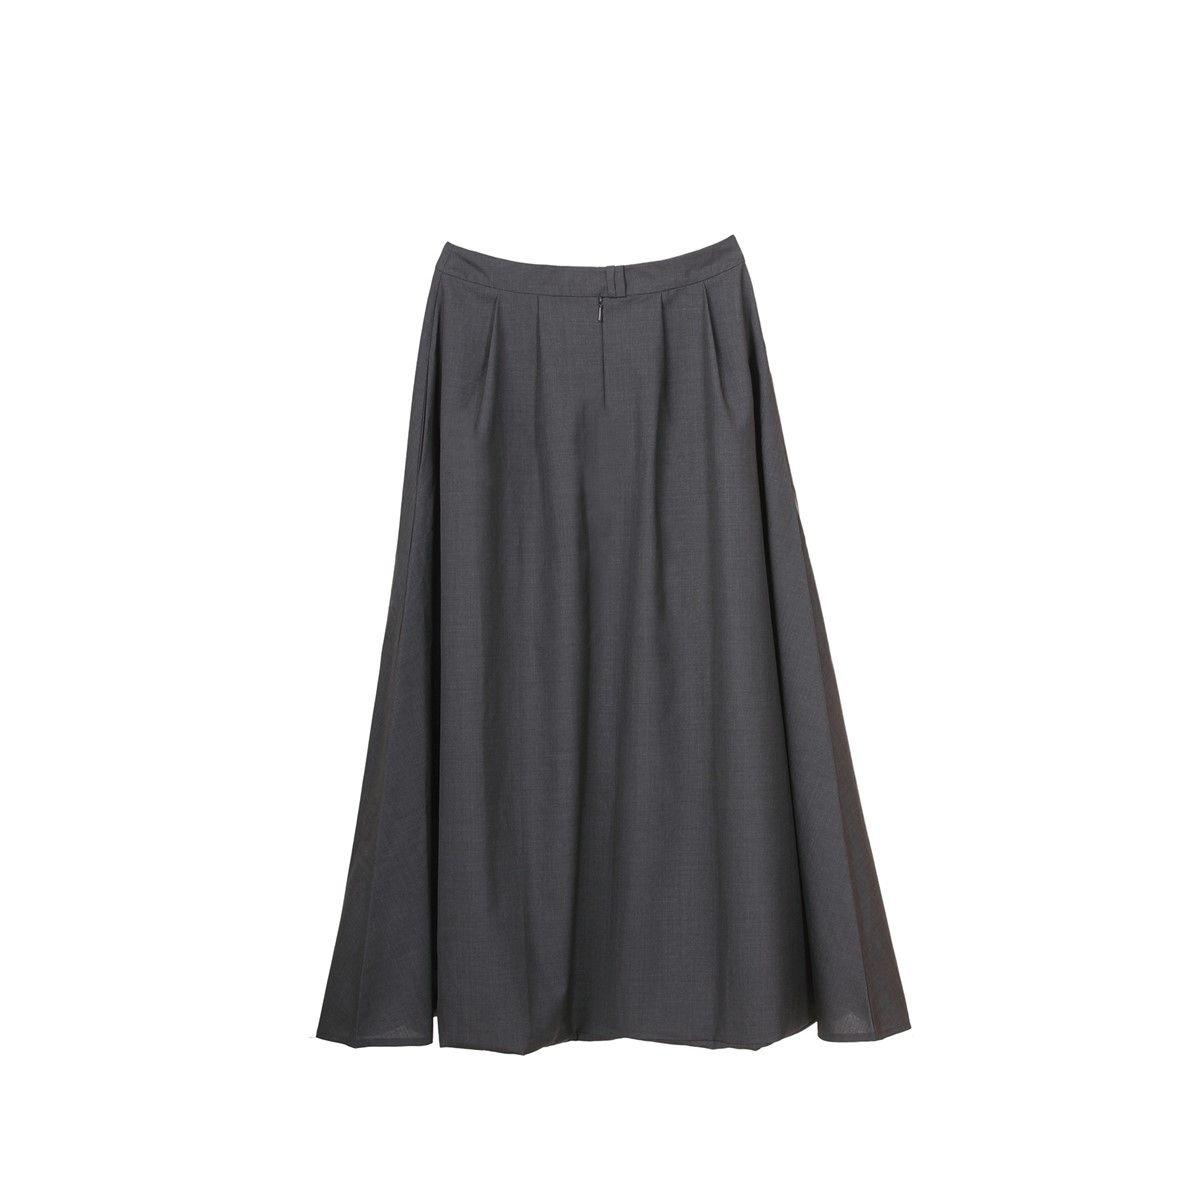 Pantalon en laine mélangée street style décontracté chic design très féminin